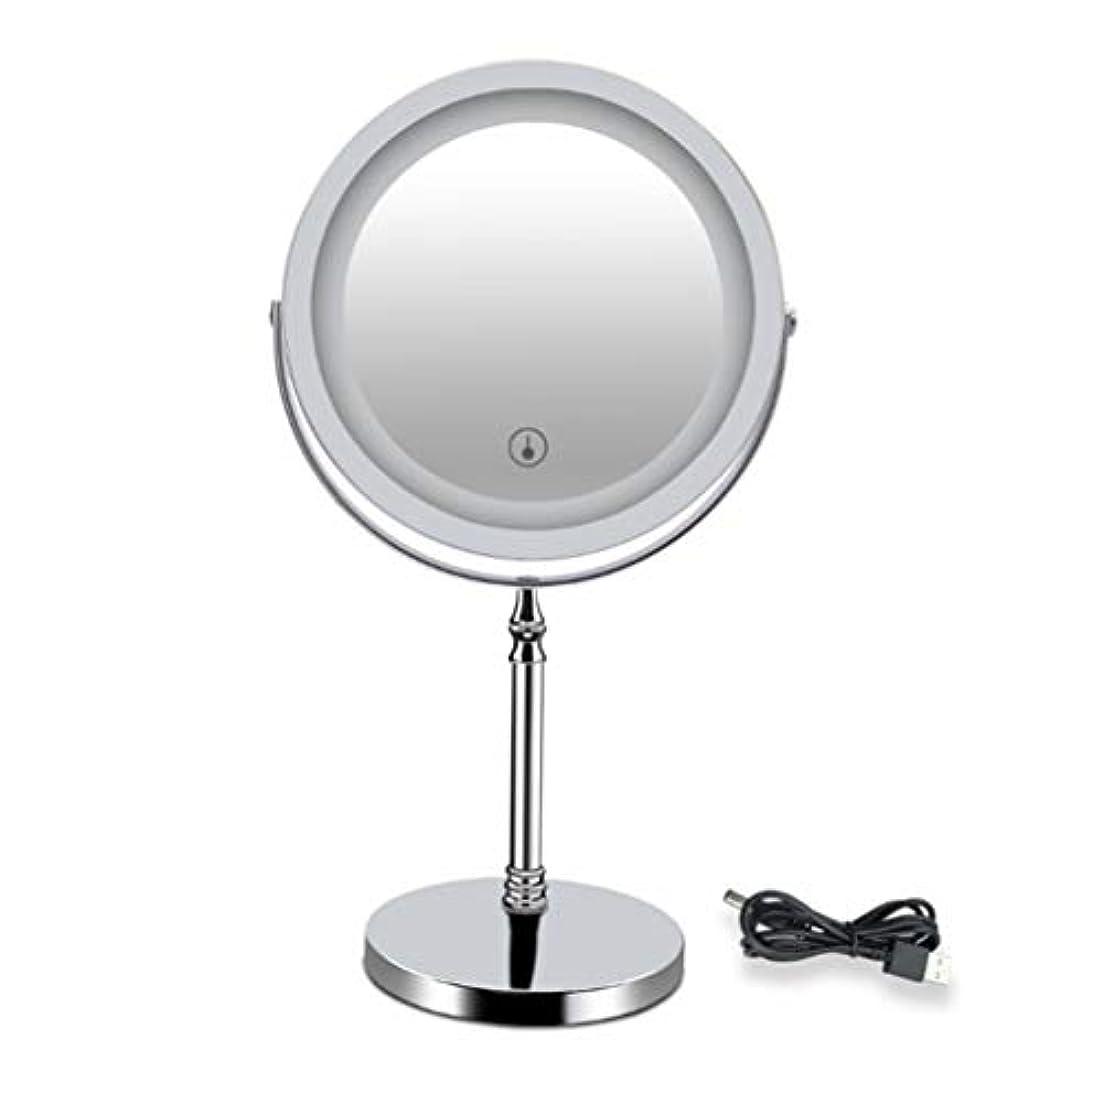 解き明かす休戦めまい卓上鏡 化粧鏡 スタンドミラー メイク 10倍拡大鏡 LEDライト付き 北欧風 真実の両面鏡 360度回転 化粧道具 化粧ミラー 電池&USB 3 WAY給電